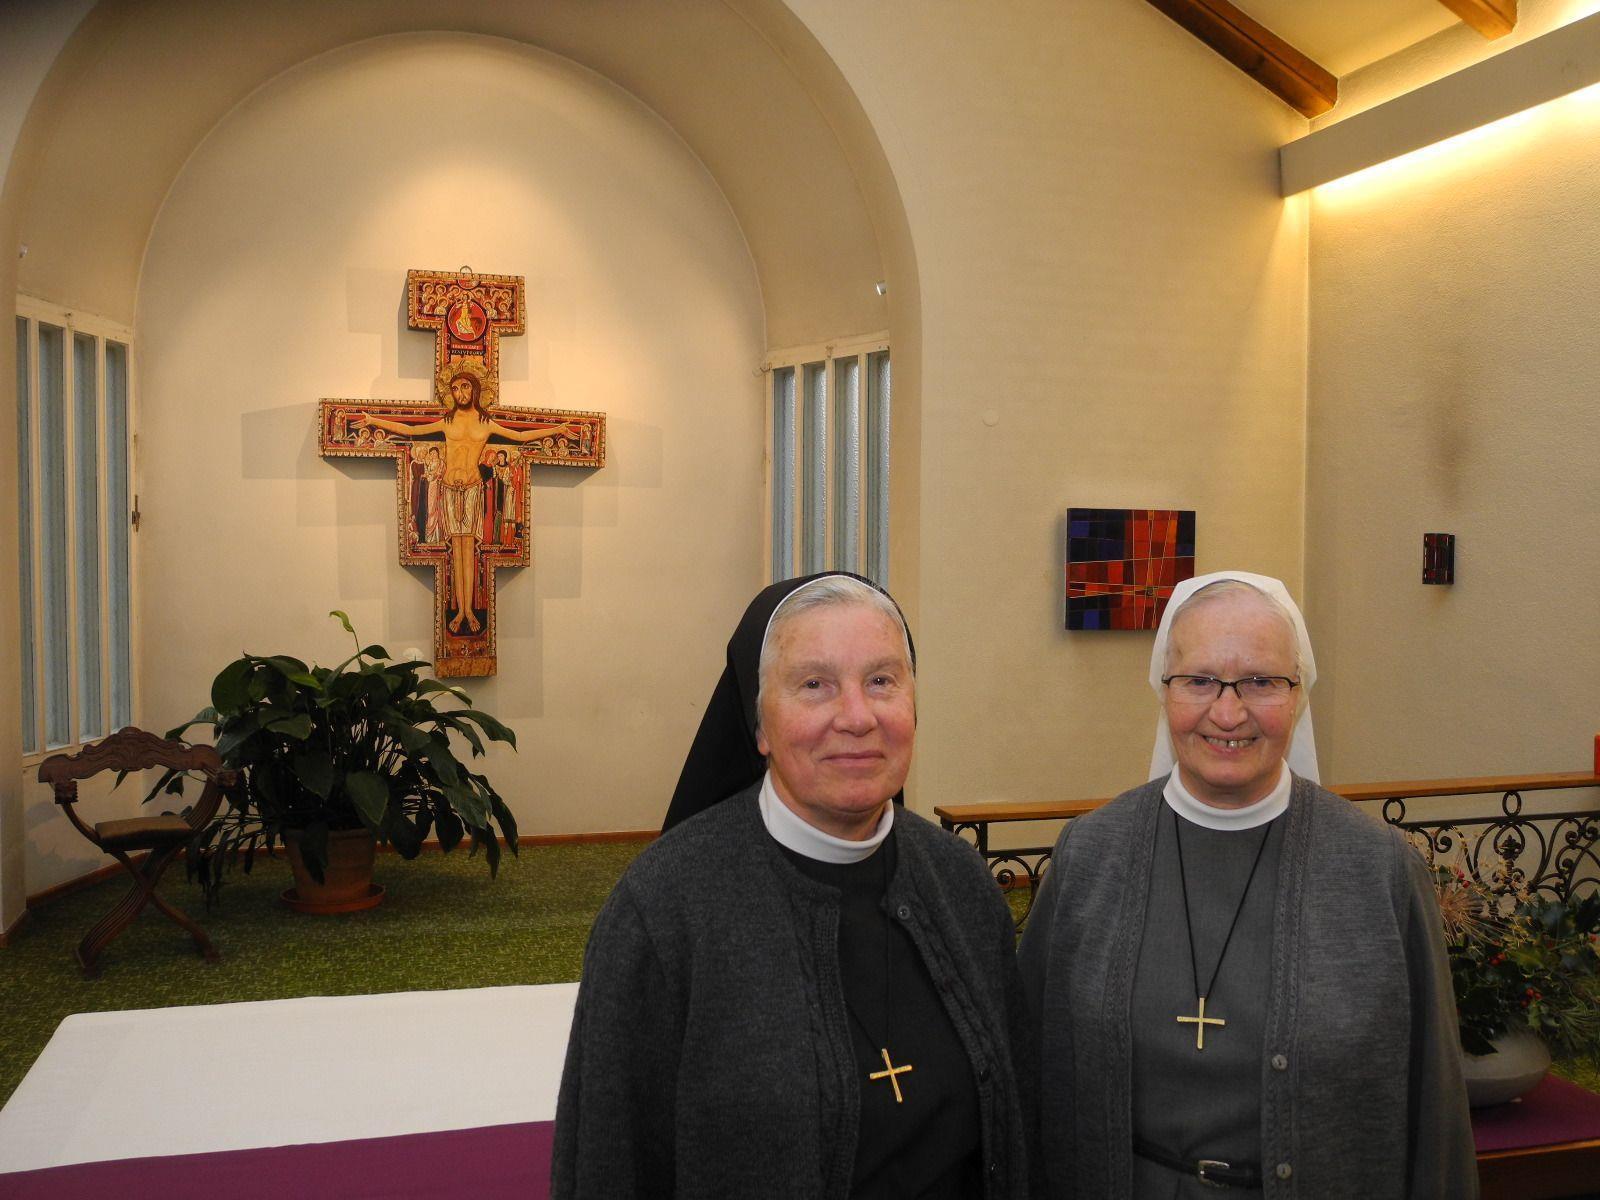 (l.) Provinzoberin Sr. Maria Bosco mit der Hausoberin Sr. Elisabeth Heinzle in der Hauskapelle